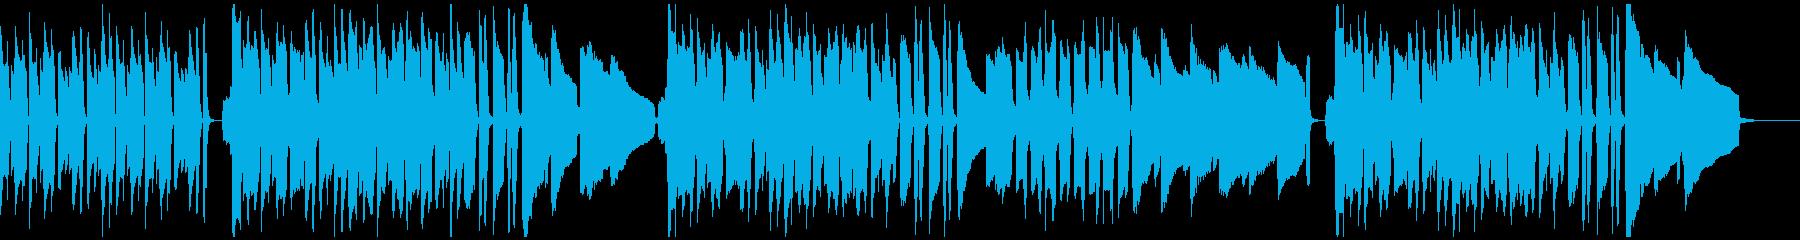 ピアノとハーモニカによるほのぼの曲の再生済みの波形